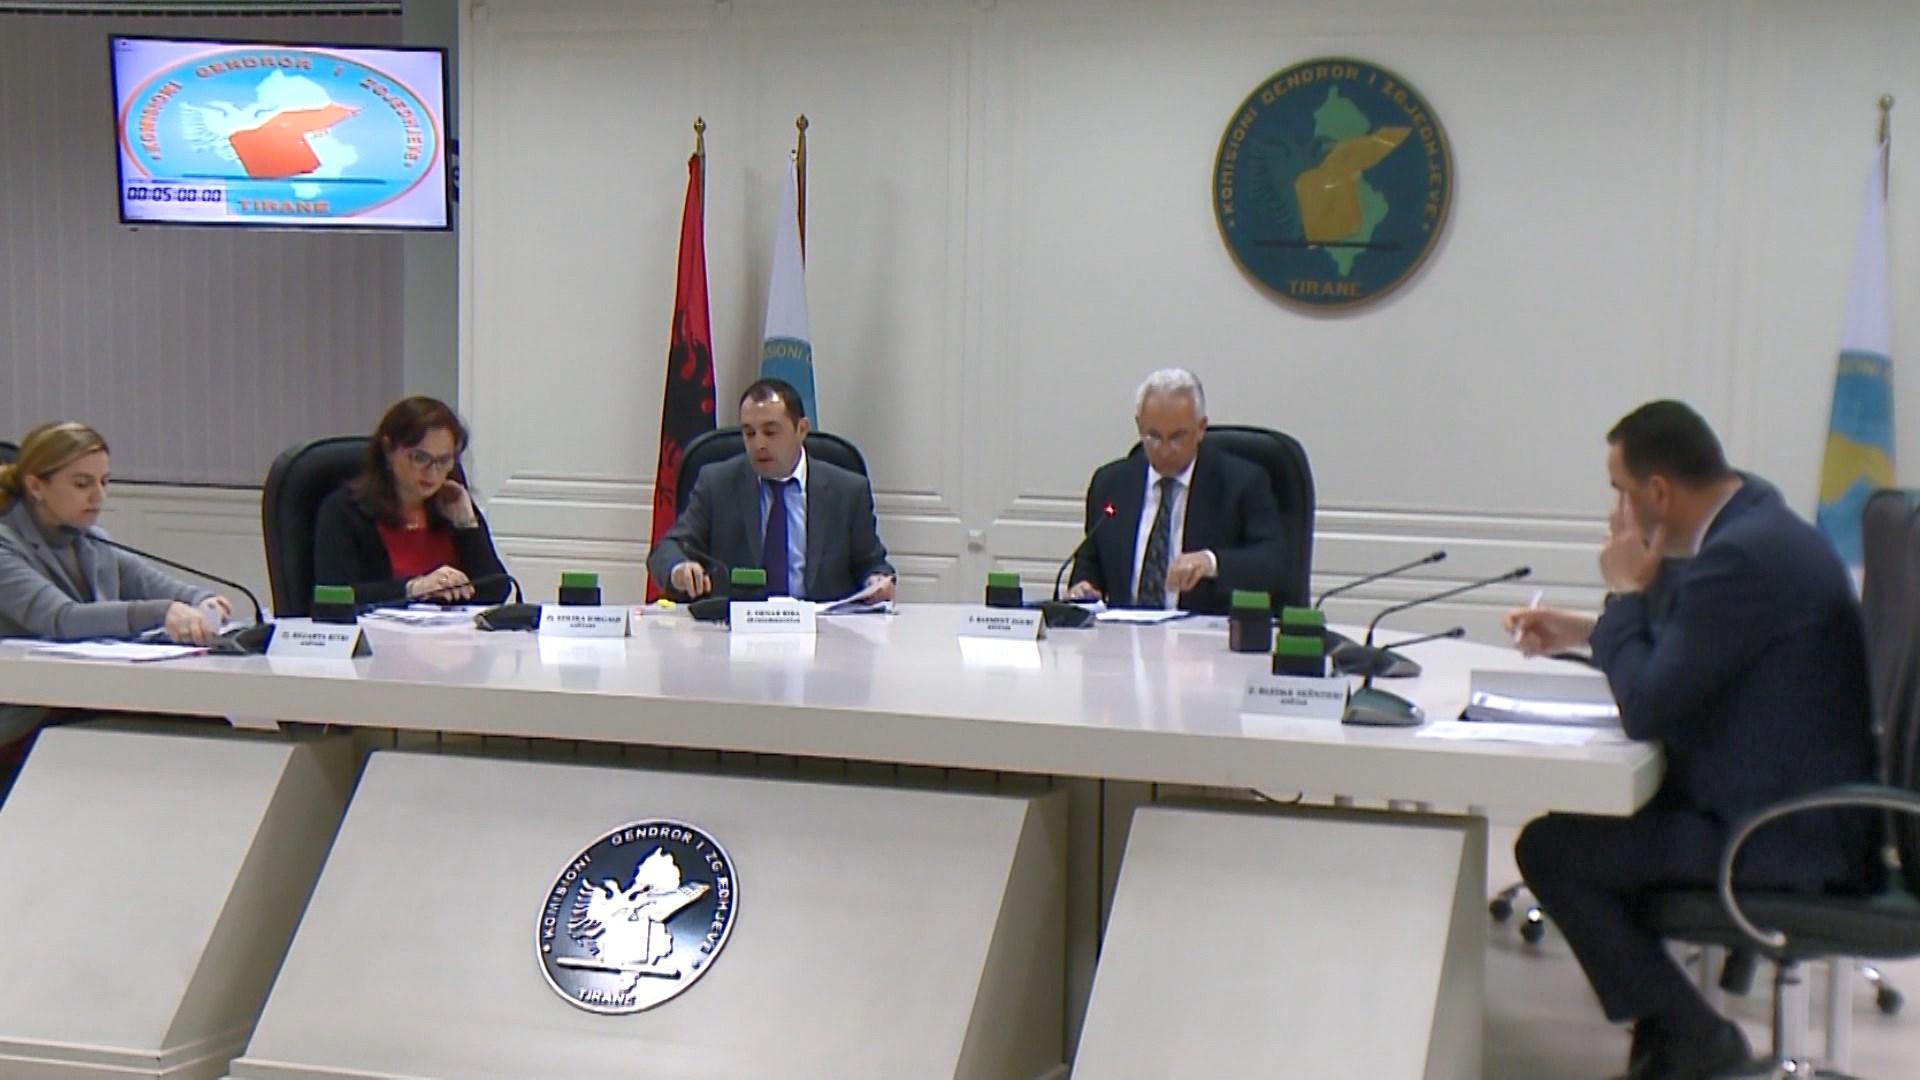 Paloka: Opozita do ketë komisionerë në zgjedhje, kundërpërgjigjet Manja